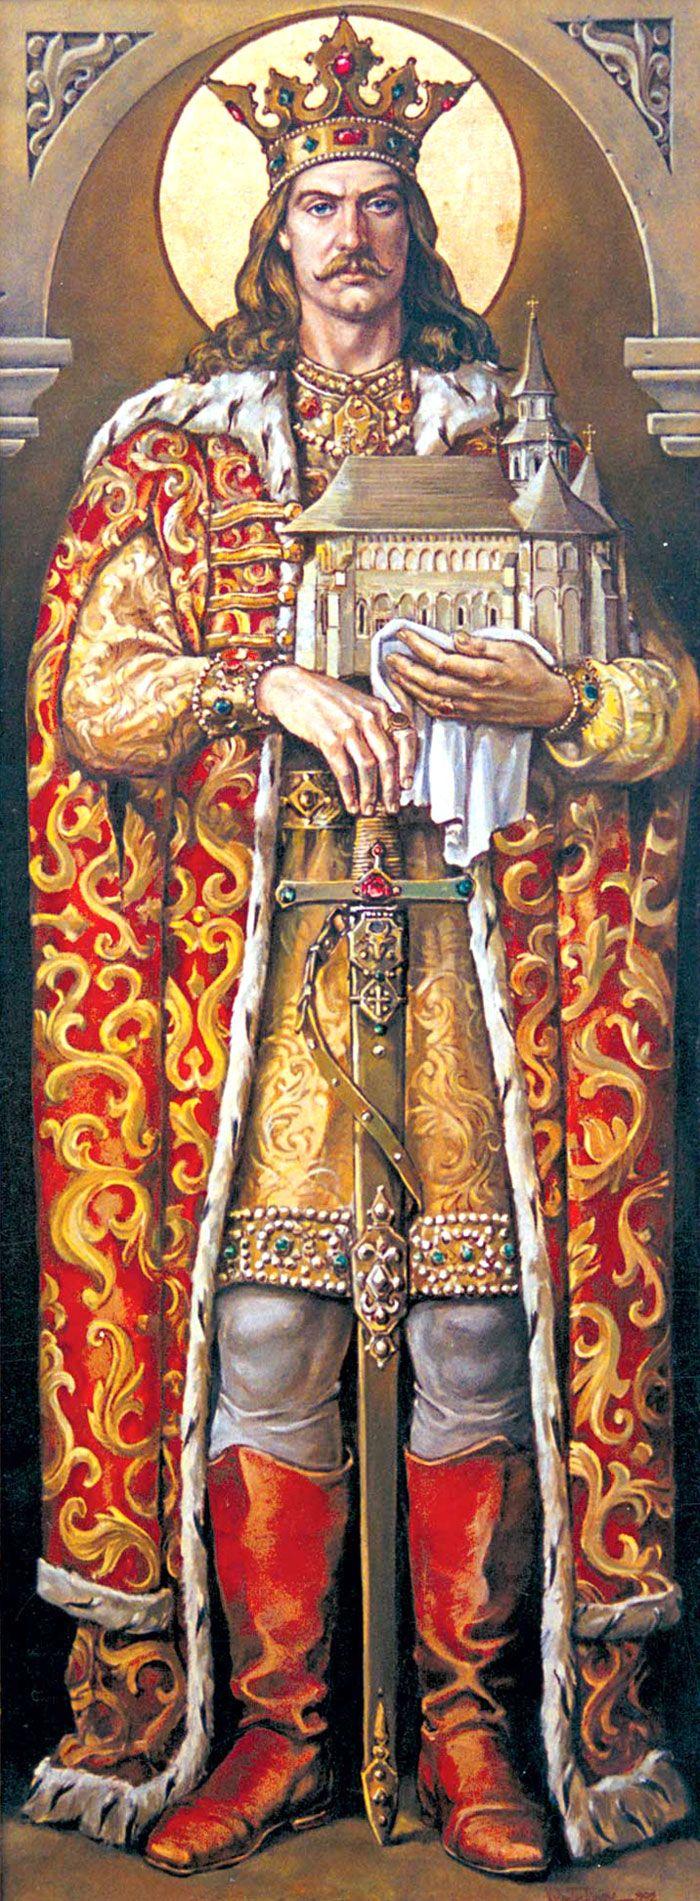 Ștefan III cel Mare - Wikipedia  |Stefan Cel Mare